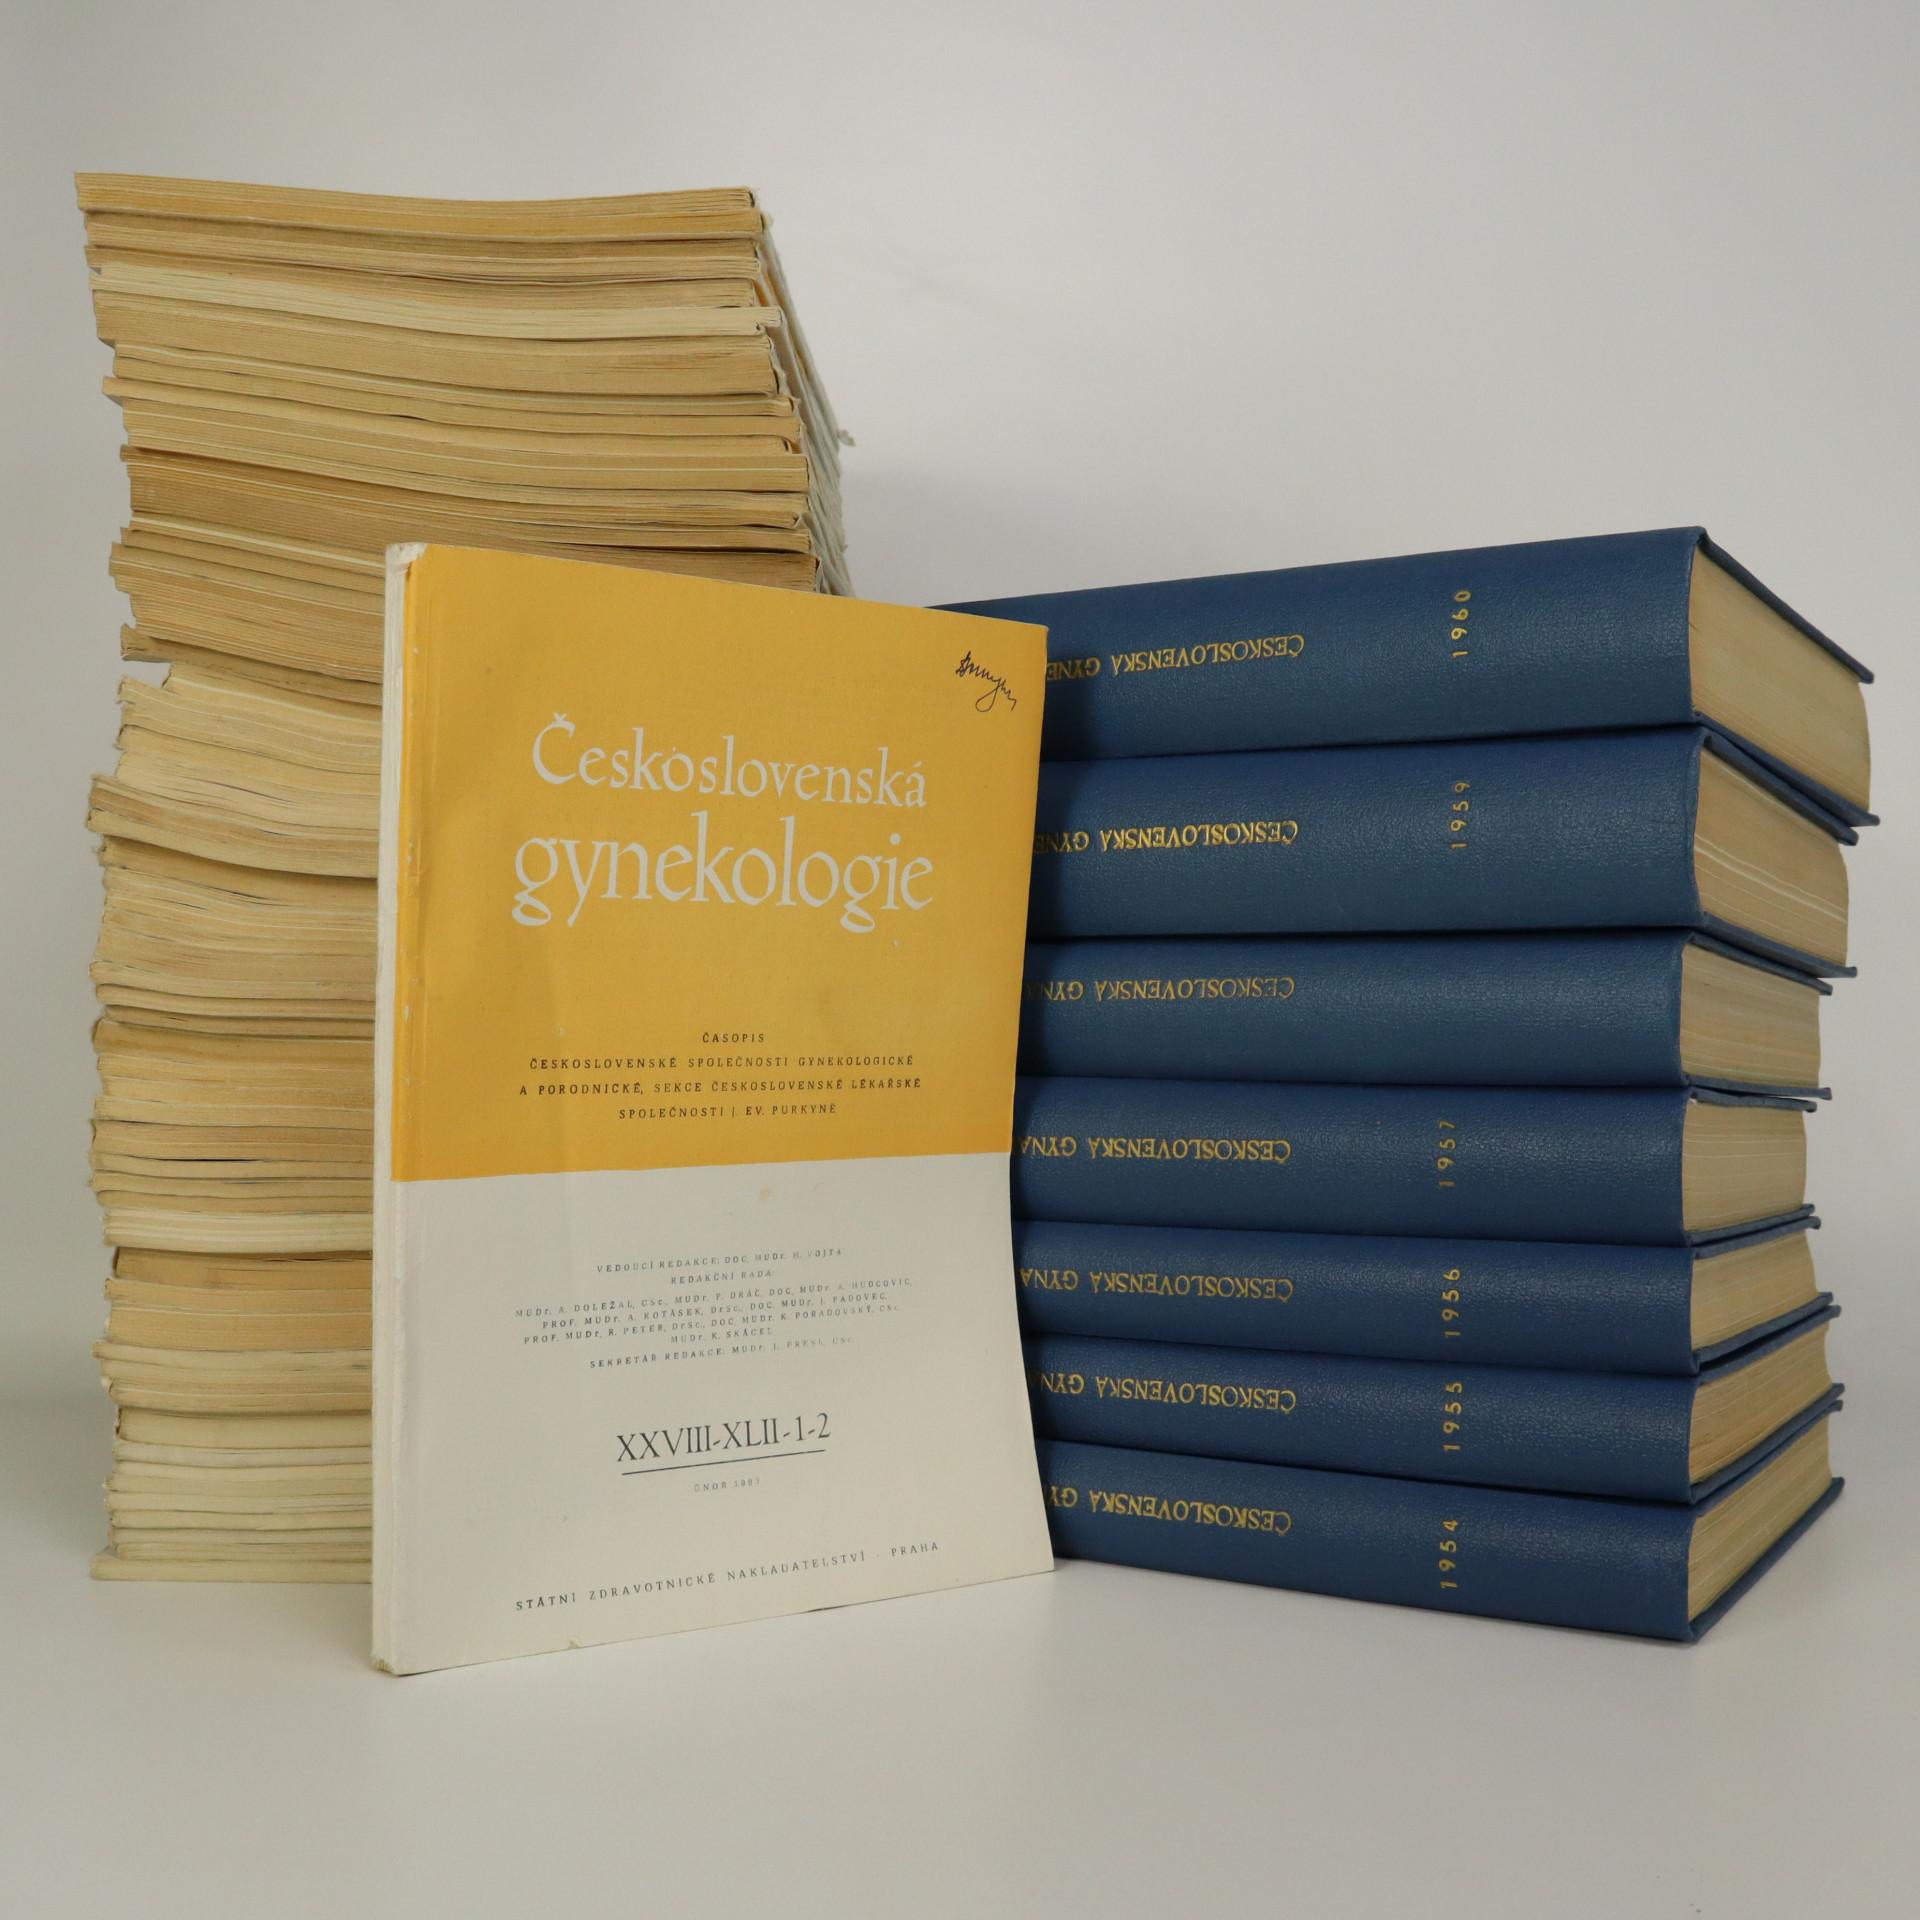 antikvární kniha Československá gynekologie. Ročník 1954 - 1968. (viz poznámka), 1954-1968